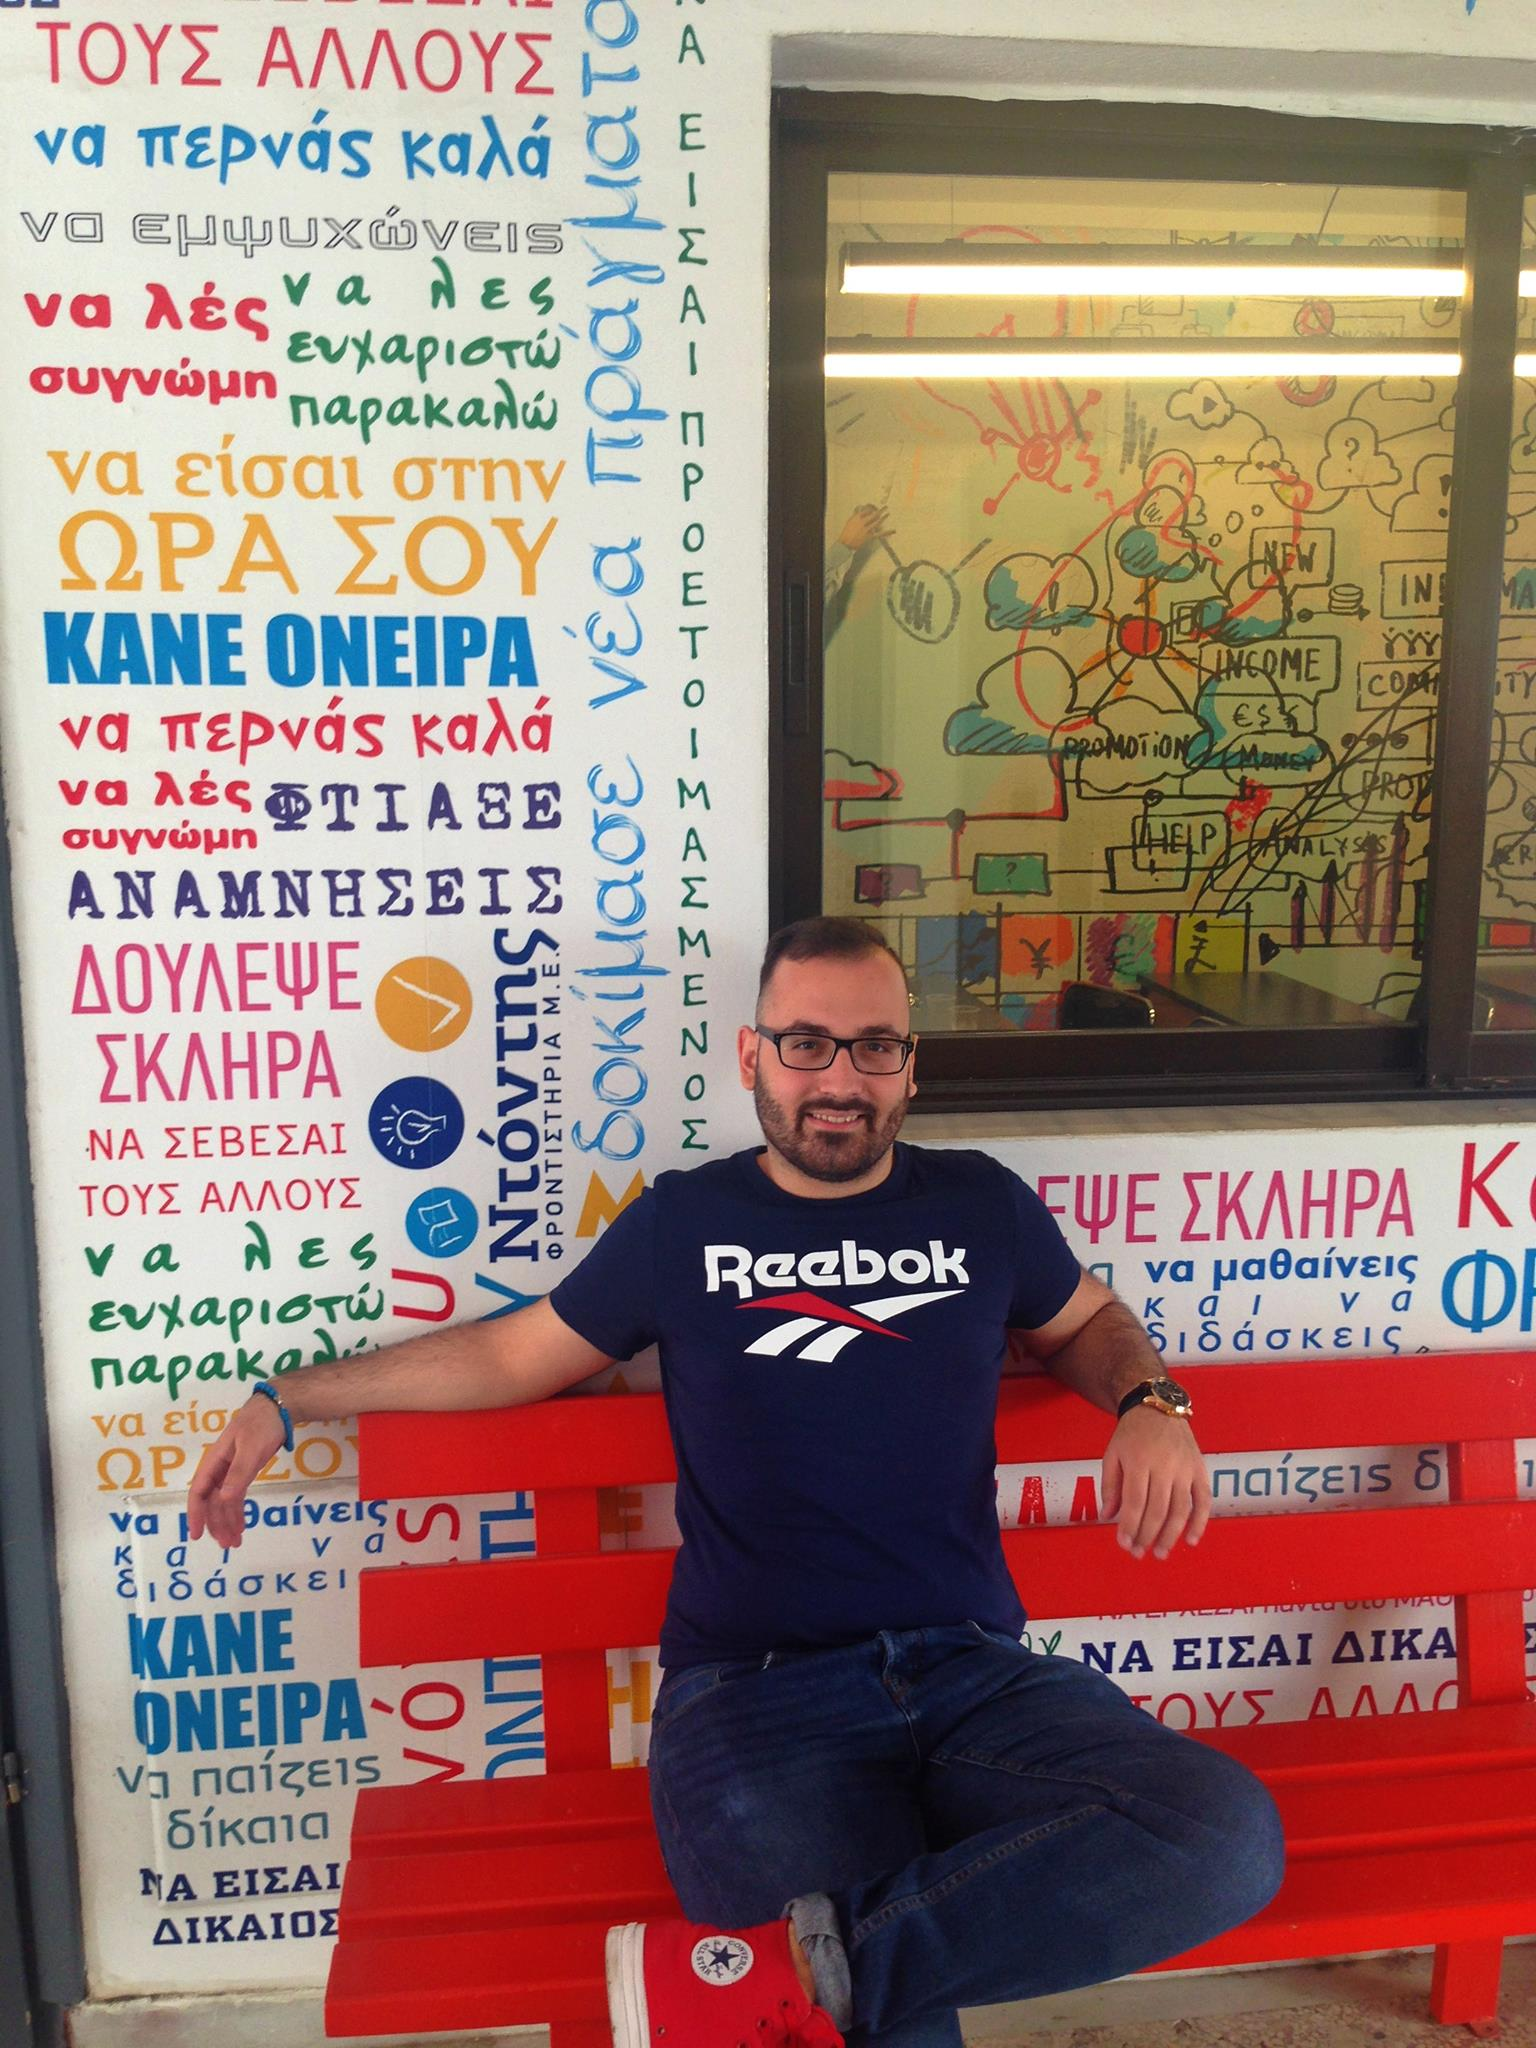 Φροντιστήριο Θεσσαλονίκη Μέσης Εκπαίδευσης Δυτικα Υπολογισμός Μορίων, Πανελλήνιες 2018, Αποτελέσματα Πανελληνίων,Βάσεις,Παλαιότερα θέματα πανελλήνιες,φροντιστήρια θεσσαλονίκης, φοιτητές, ΝΟΜΙΚΗ,επιτυχία